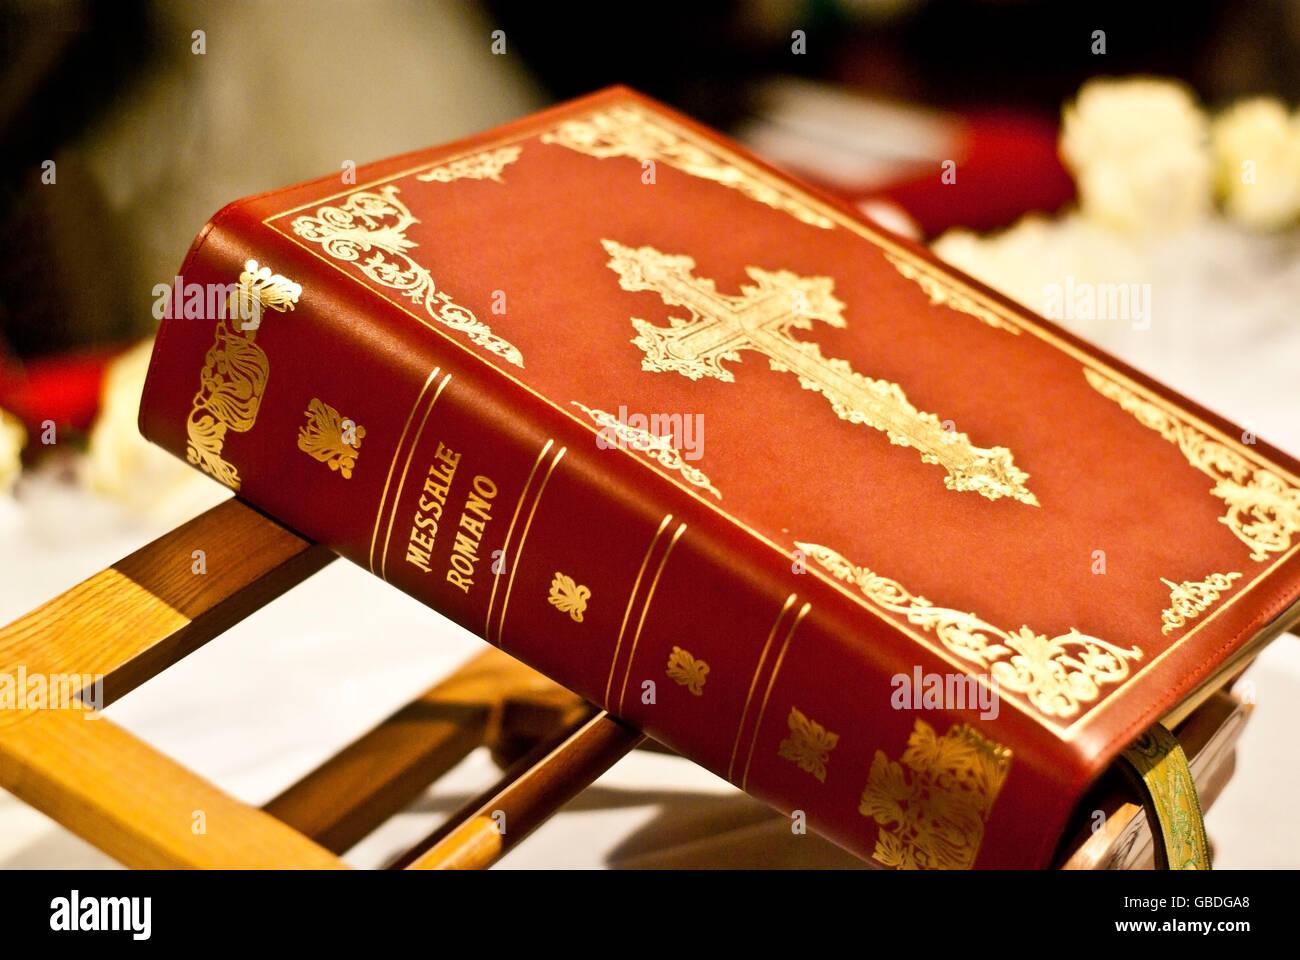 Bible On Church Lectern Stock Photos Amp Bible On Church Lectern Stock Images